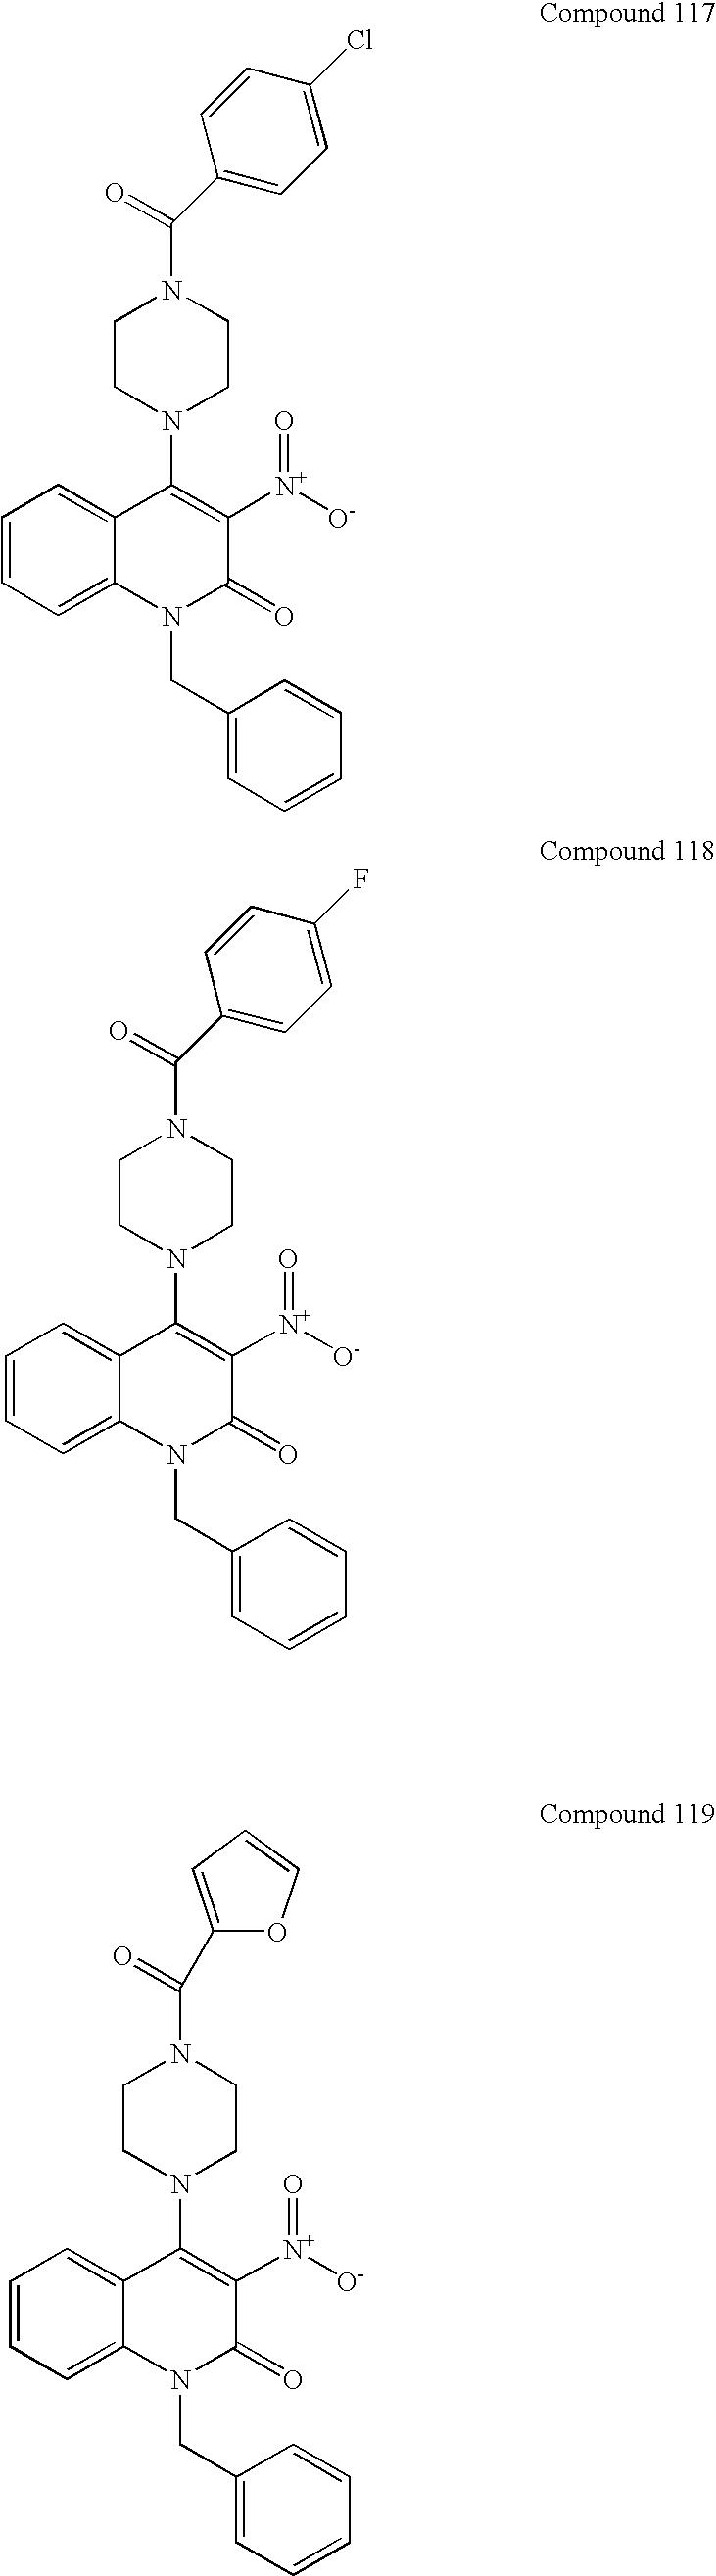 Figure US07230106-20070612-C00089